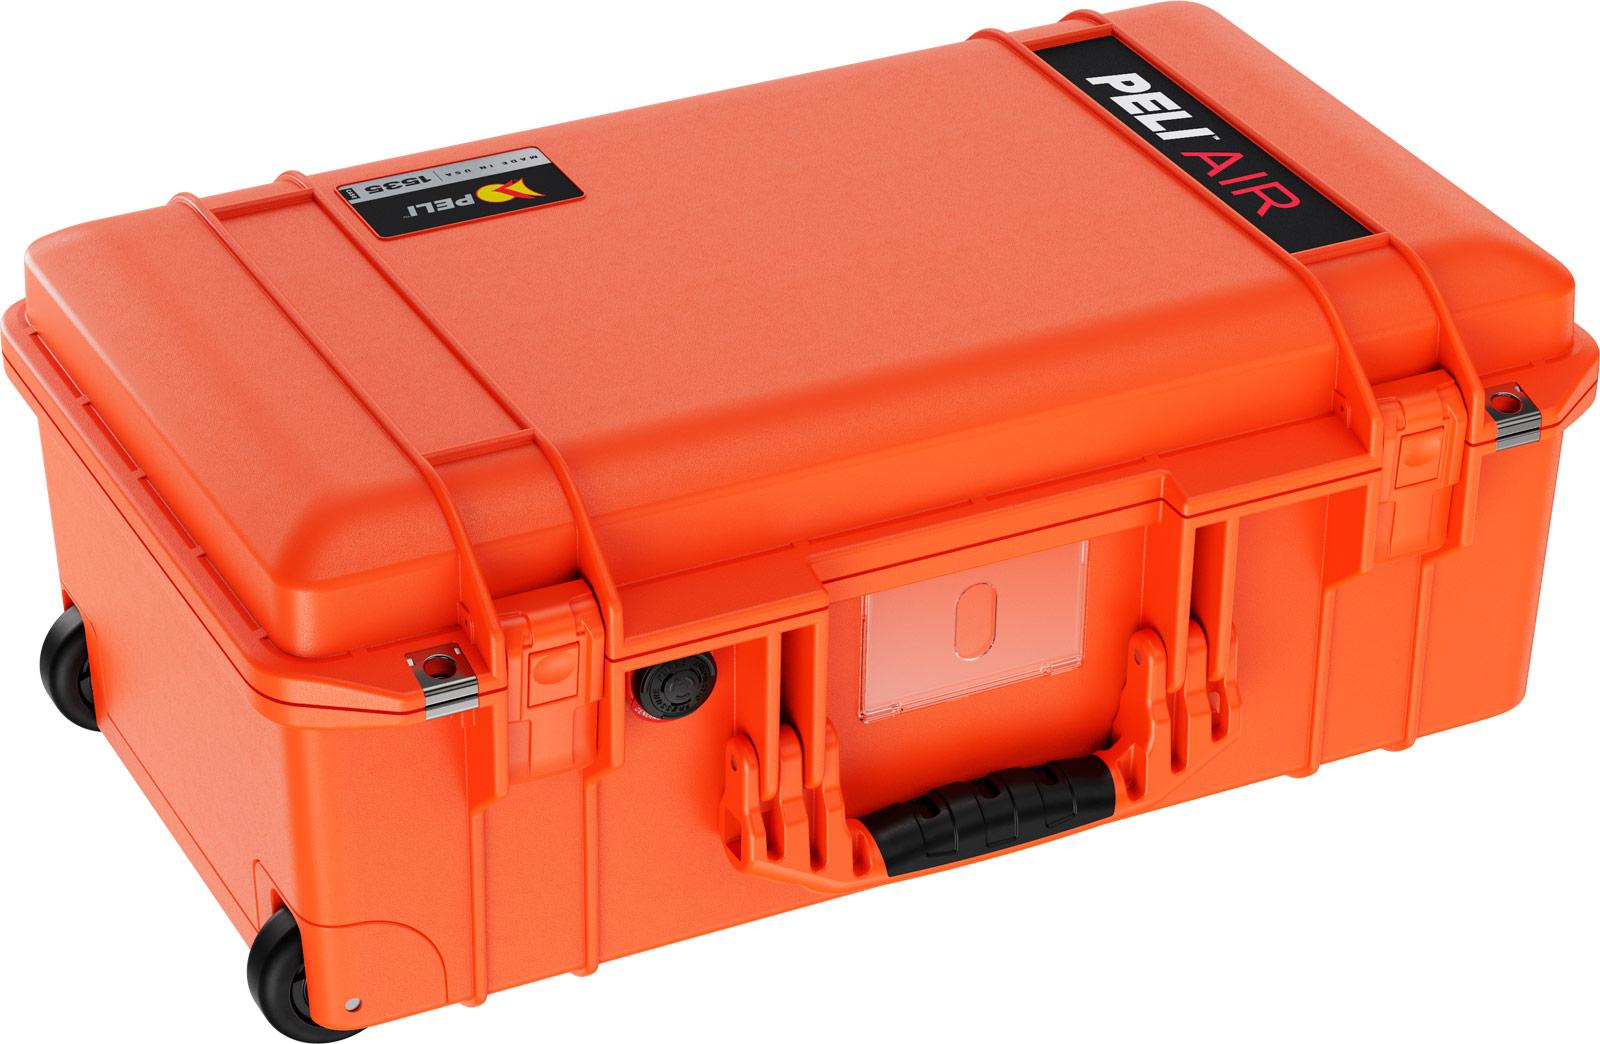 peli orange air case carry on cases